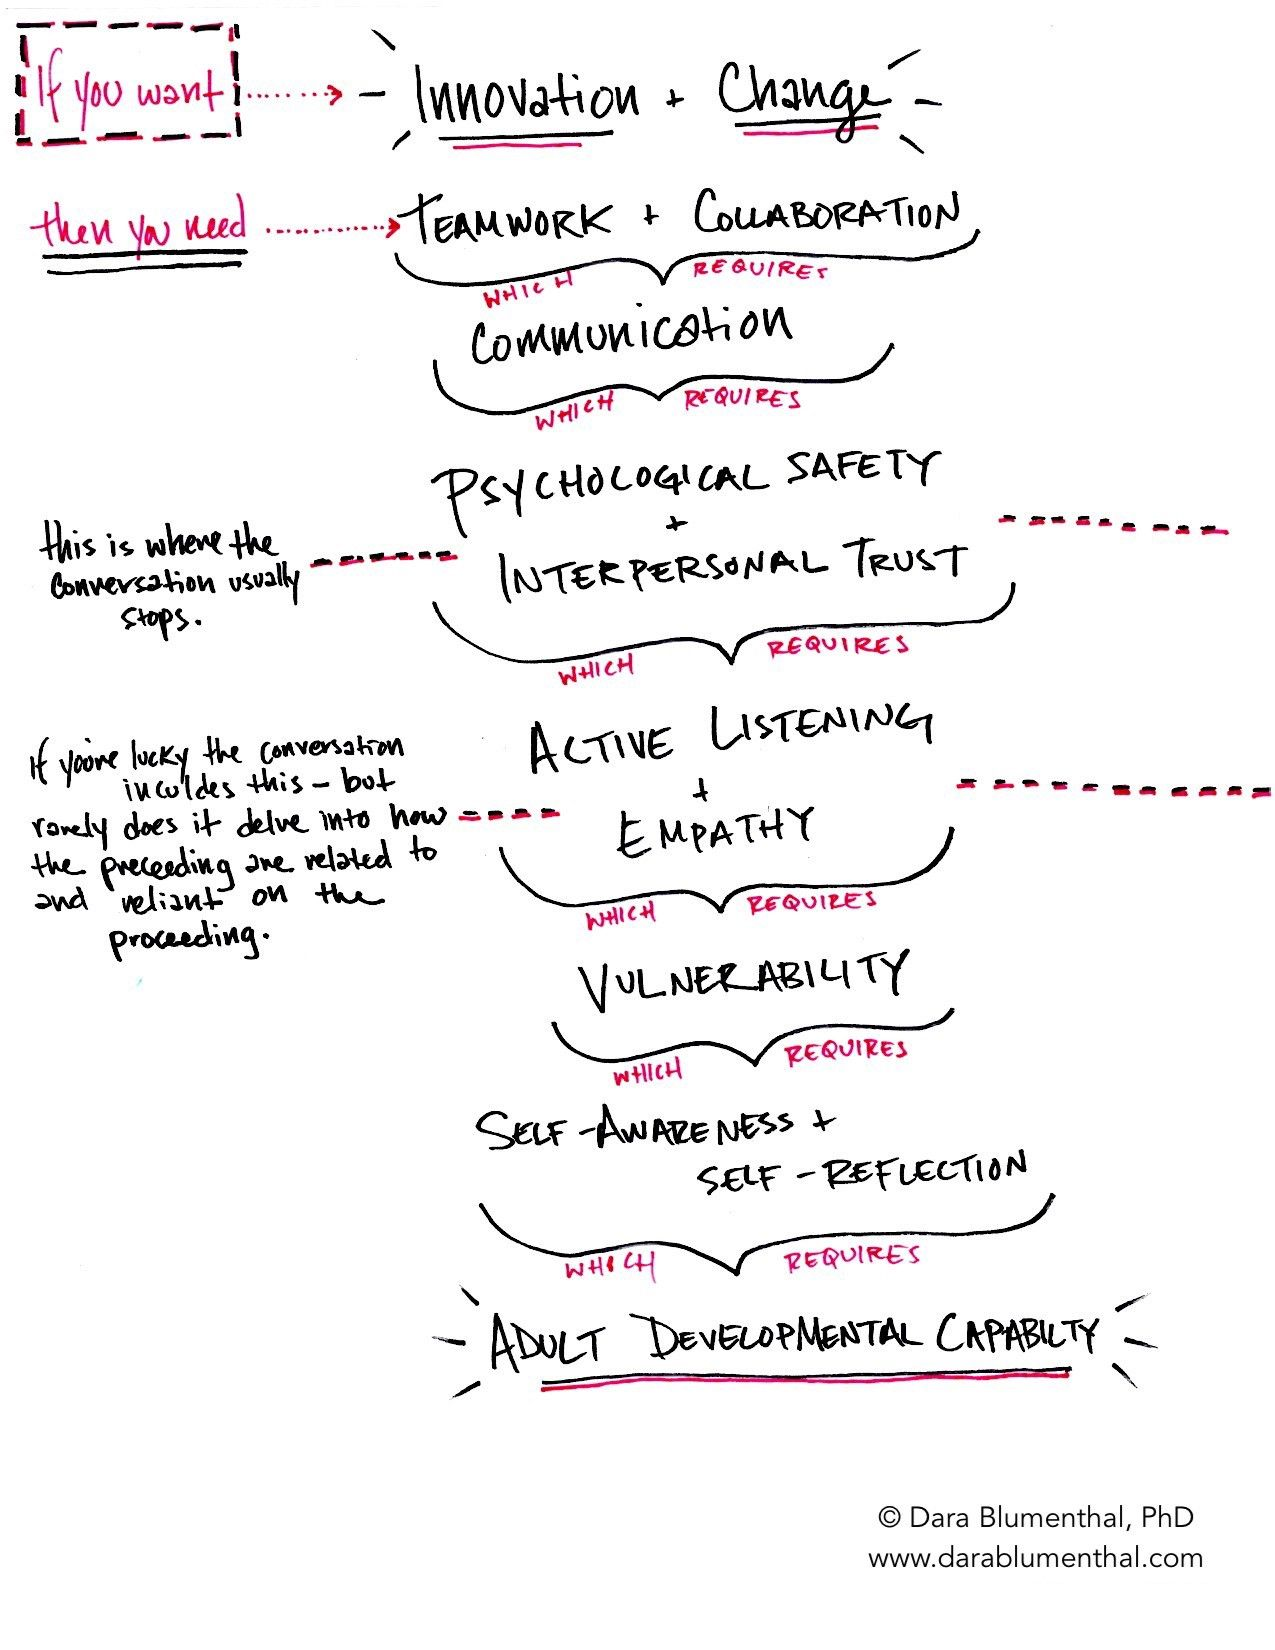 Generative Team Design in 2020 Teamwork, Interpersonal